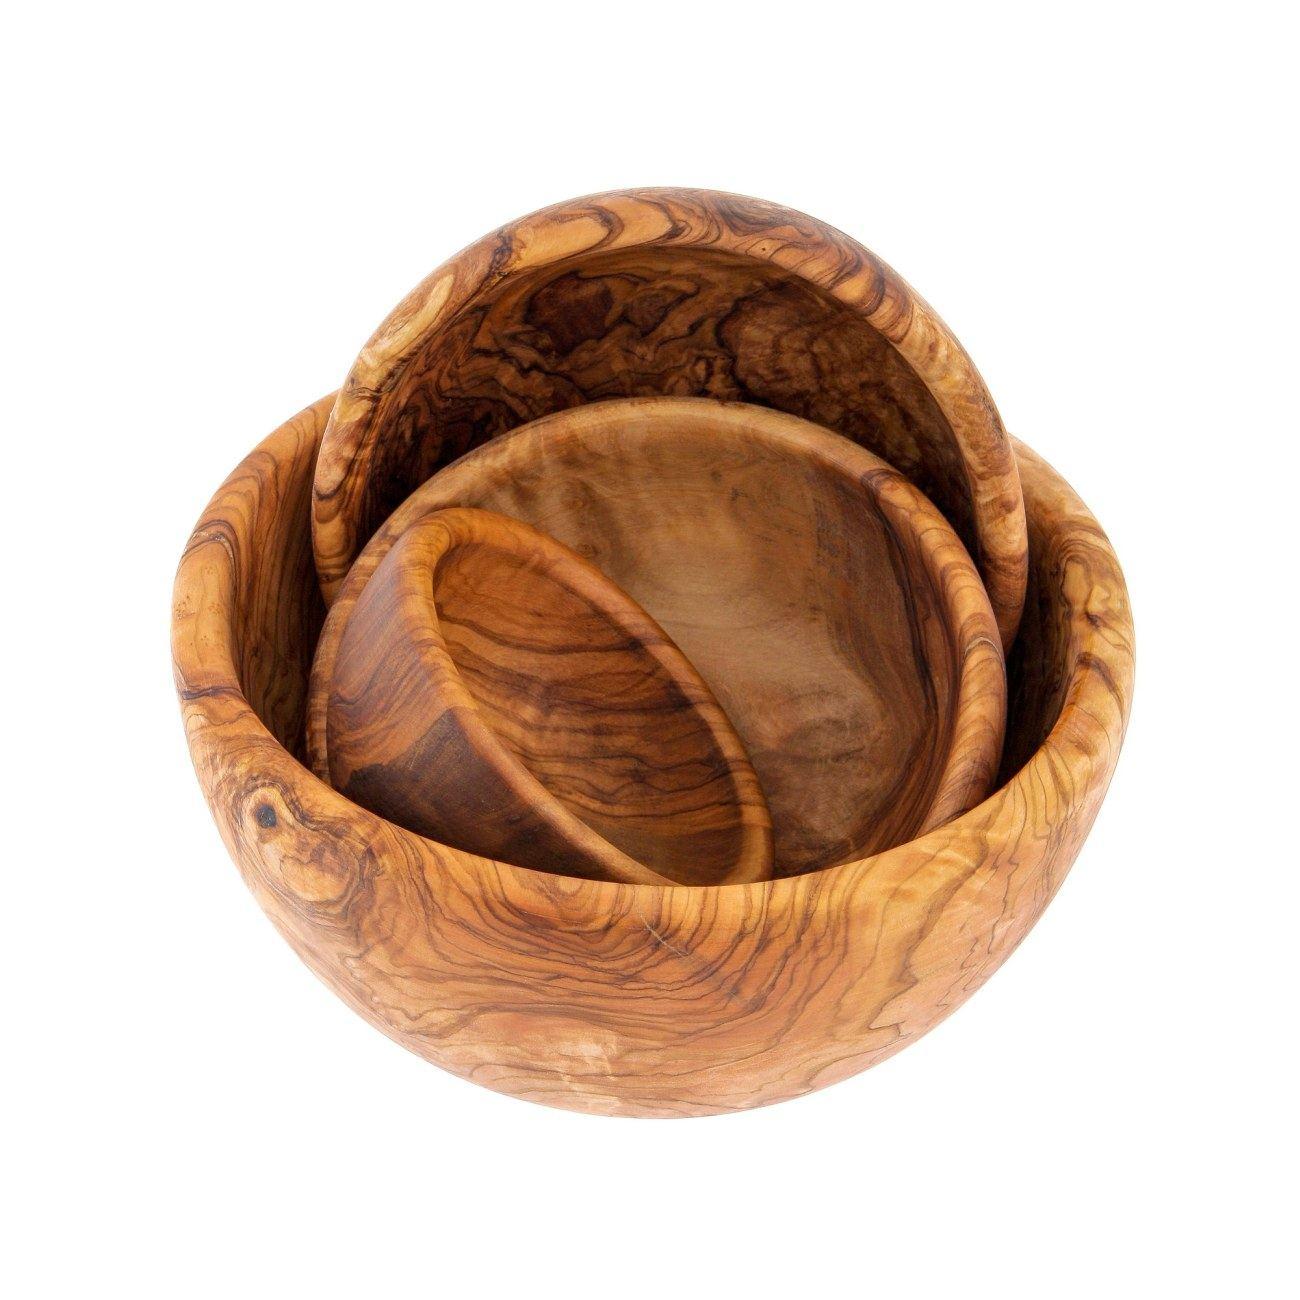 Olive Wood Bowl Set Of 4 Handmade Wooden Serving Bowls